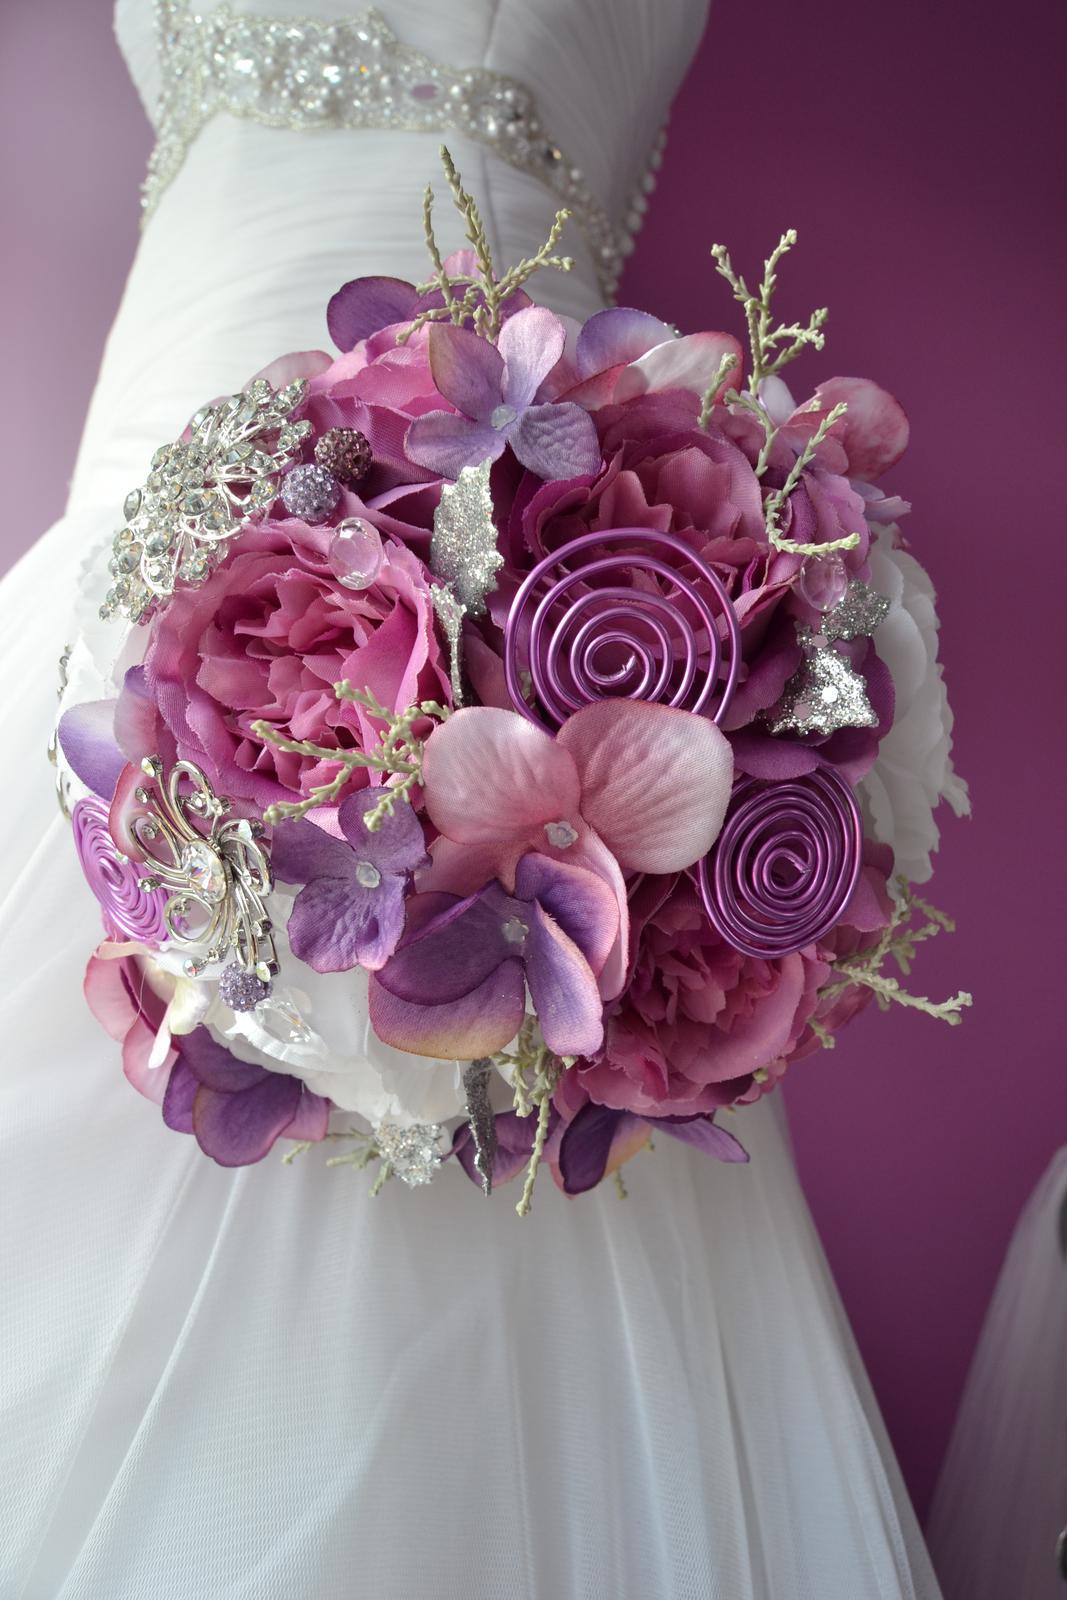 Látkové umělé svatební kytice-info - Obrázek č. 20